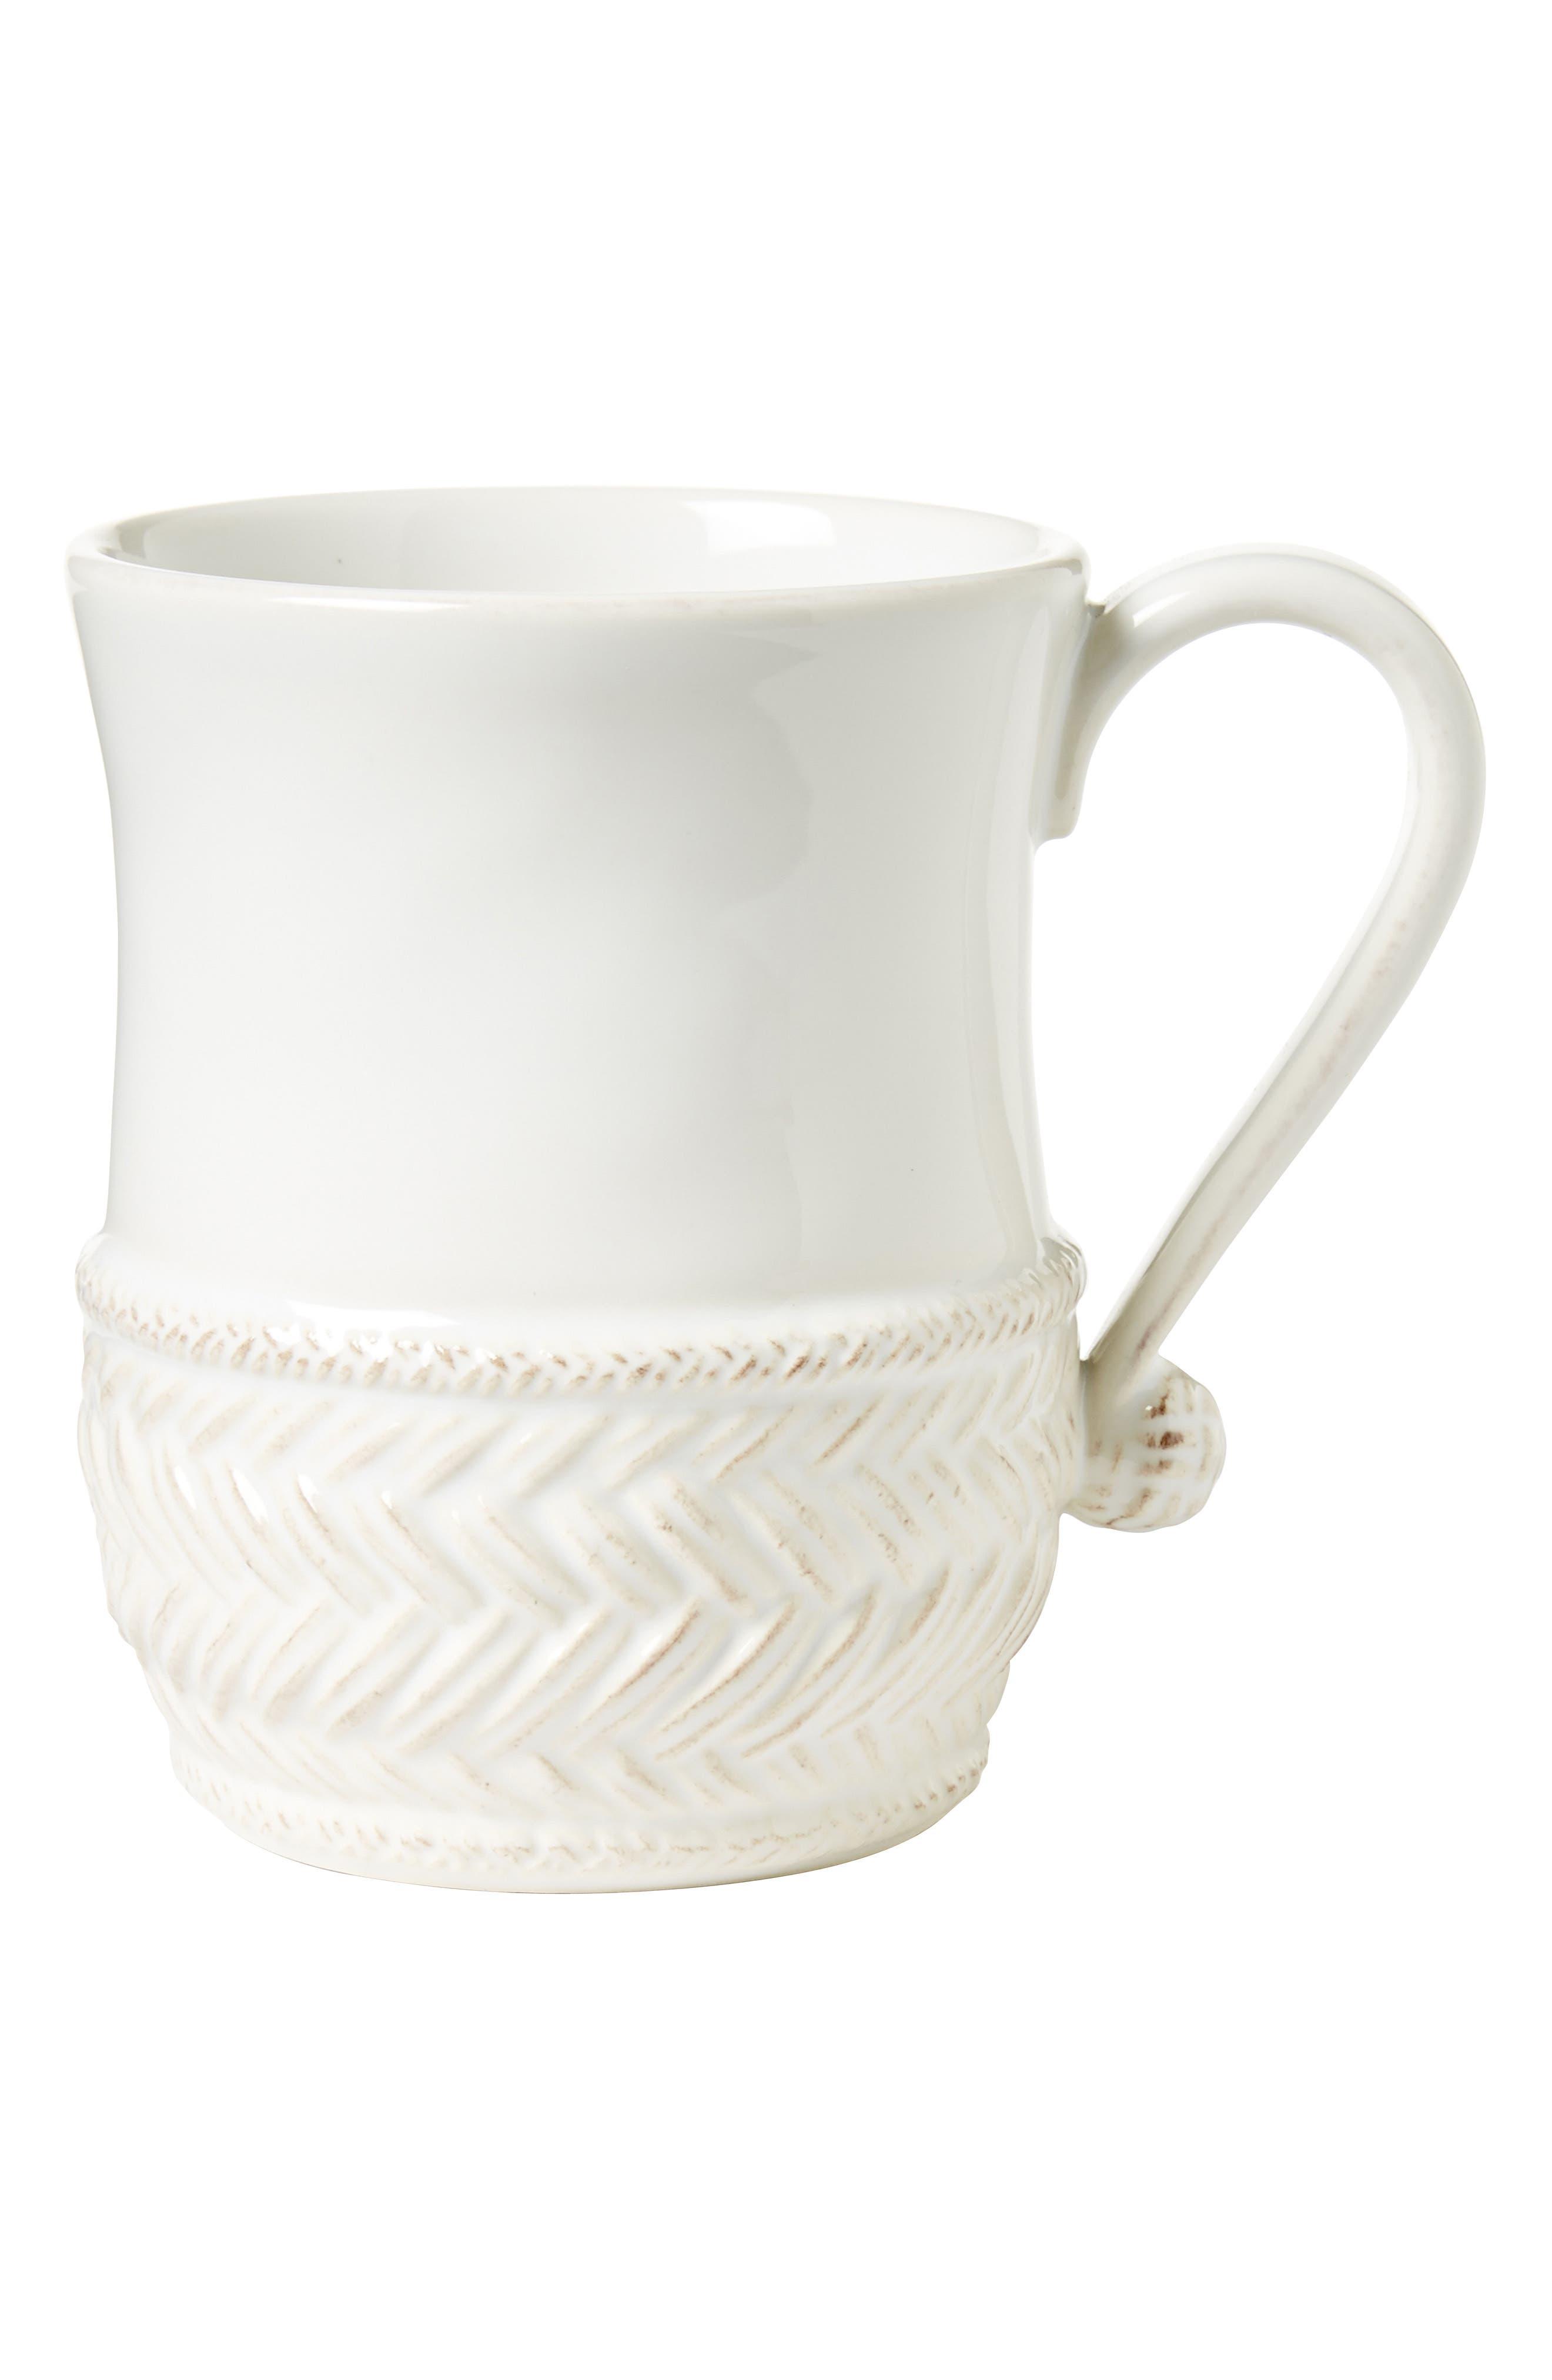 Main Image - Juliska Le Panier Ceramic Mug